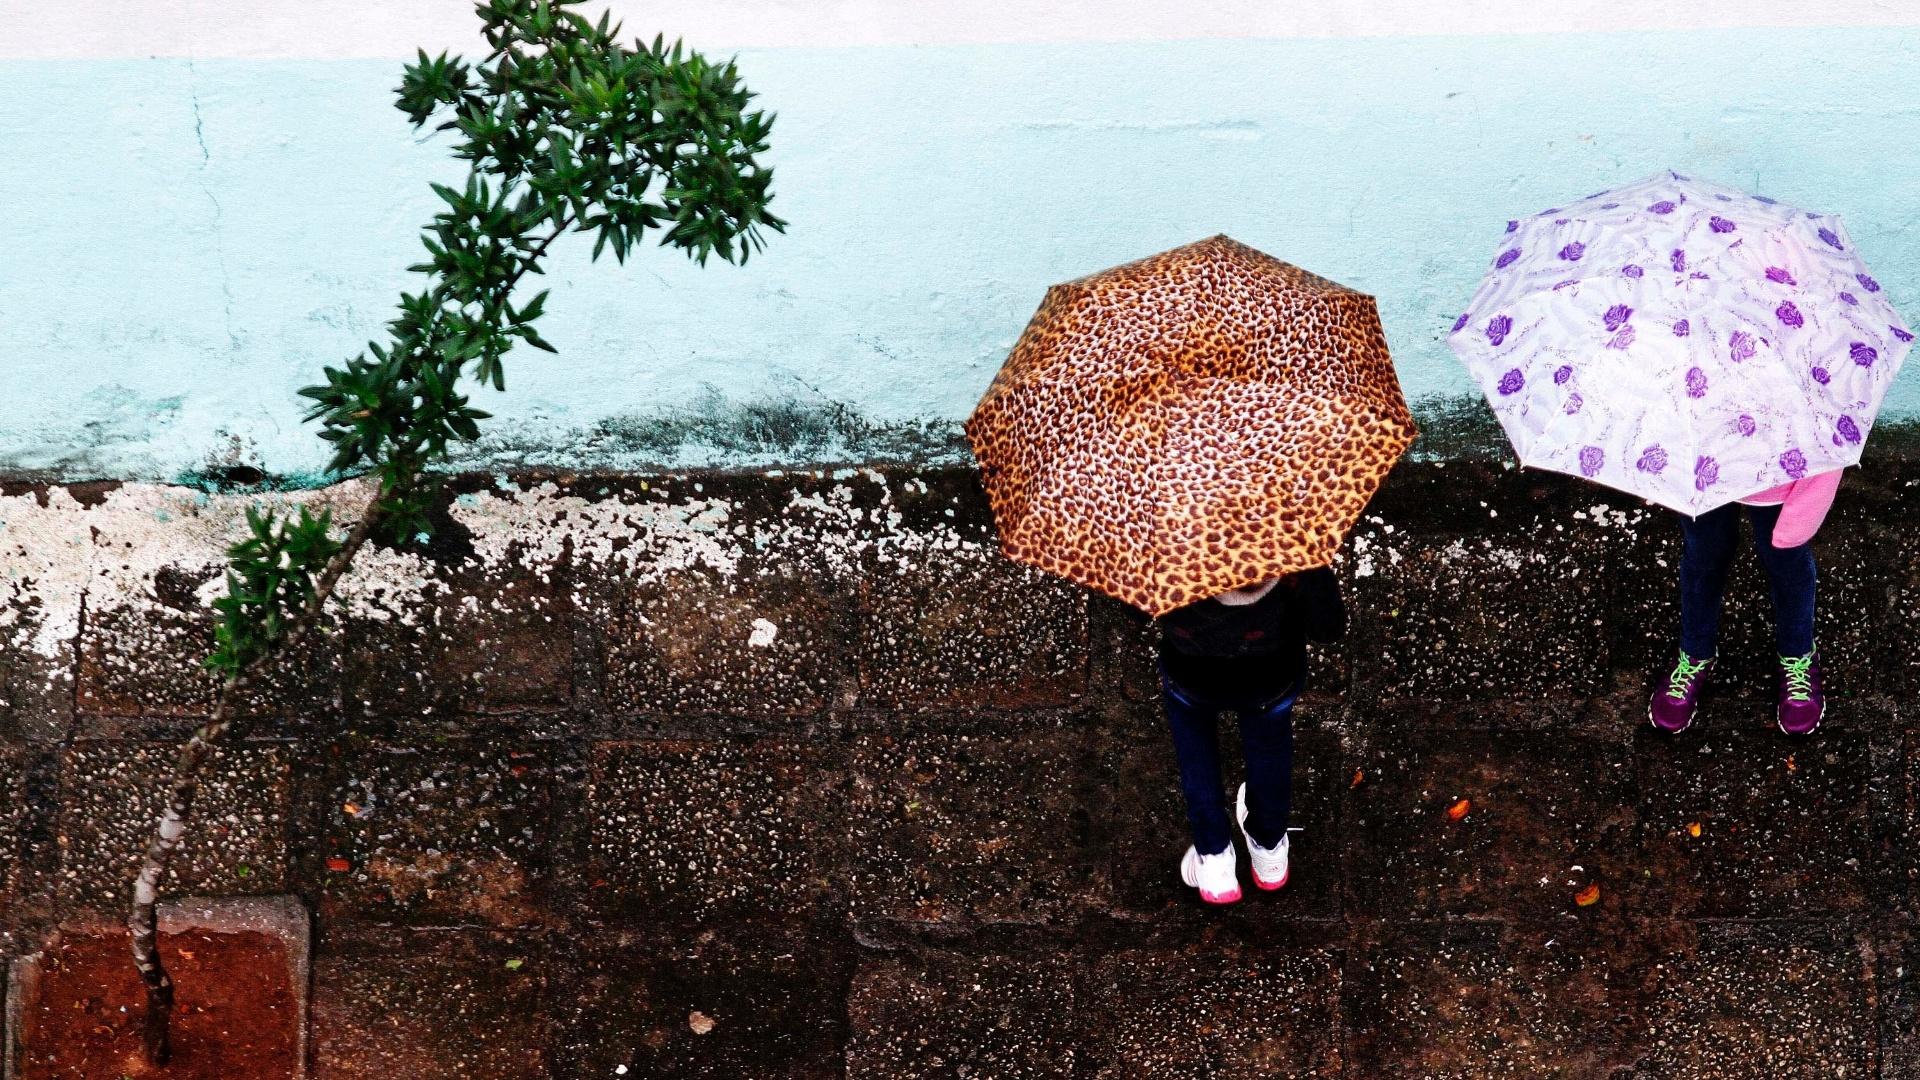 28.mai.2013 - Pedestres enfrentam chuva na região da Saúde, zona sul de São Paulo, nesta terça-feira (28). Pelo segundo dia consecutivo, a capital paulista registrou a tarde mais fria do ano, com temperatura máxima de 17.4ºC